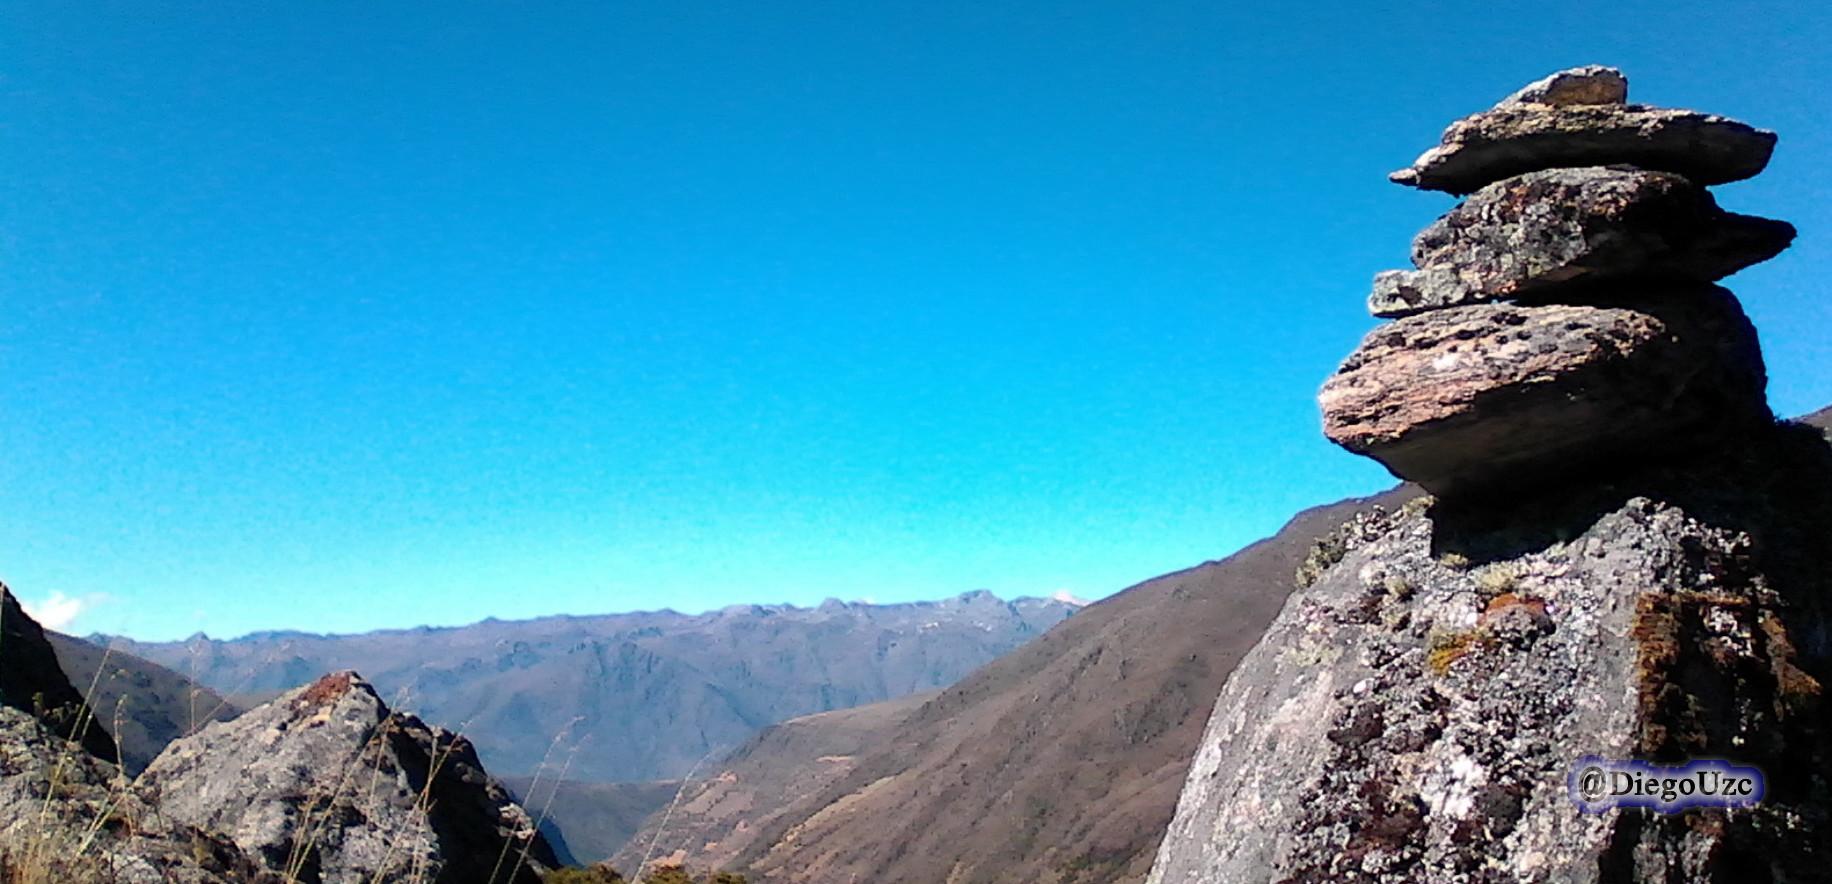 Sierra La Culata desde la Sierra Nevada en Gavidia